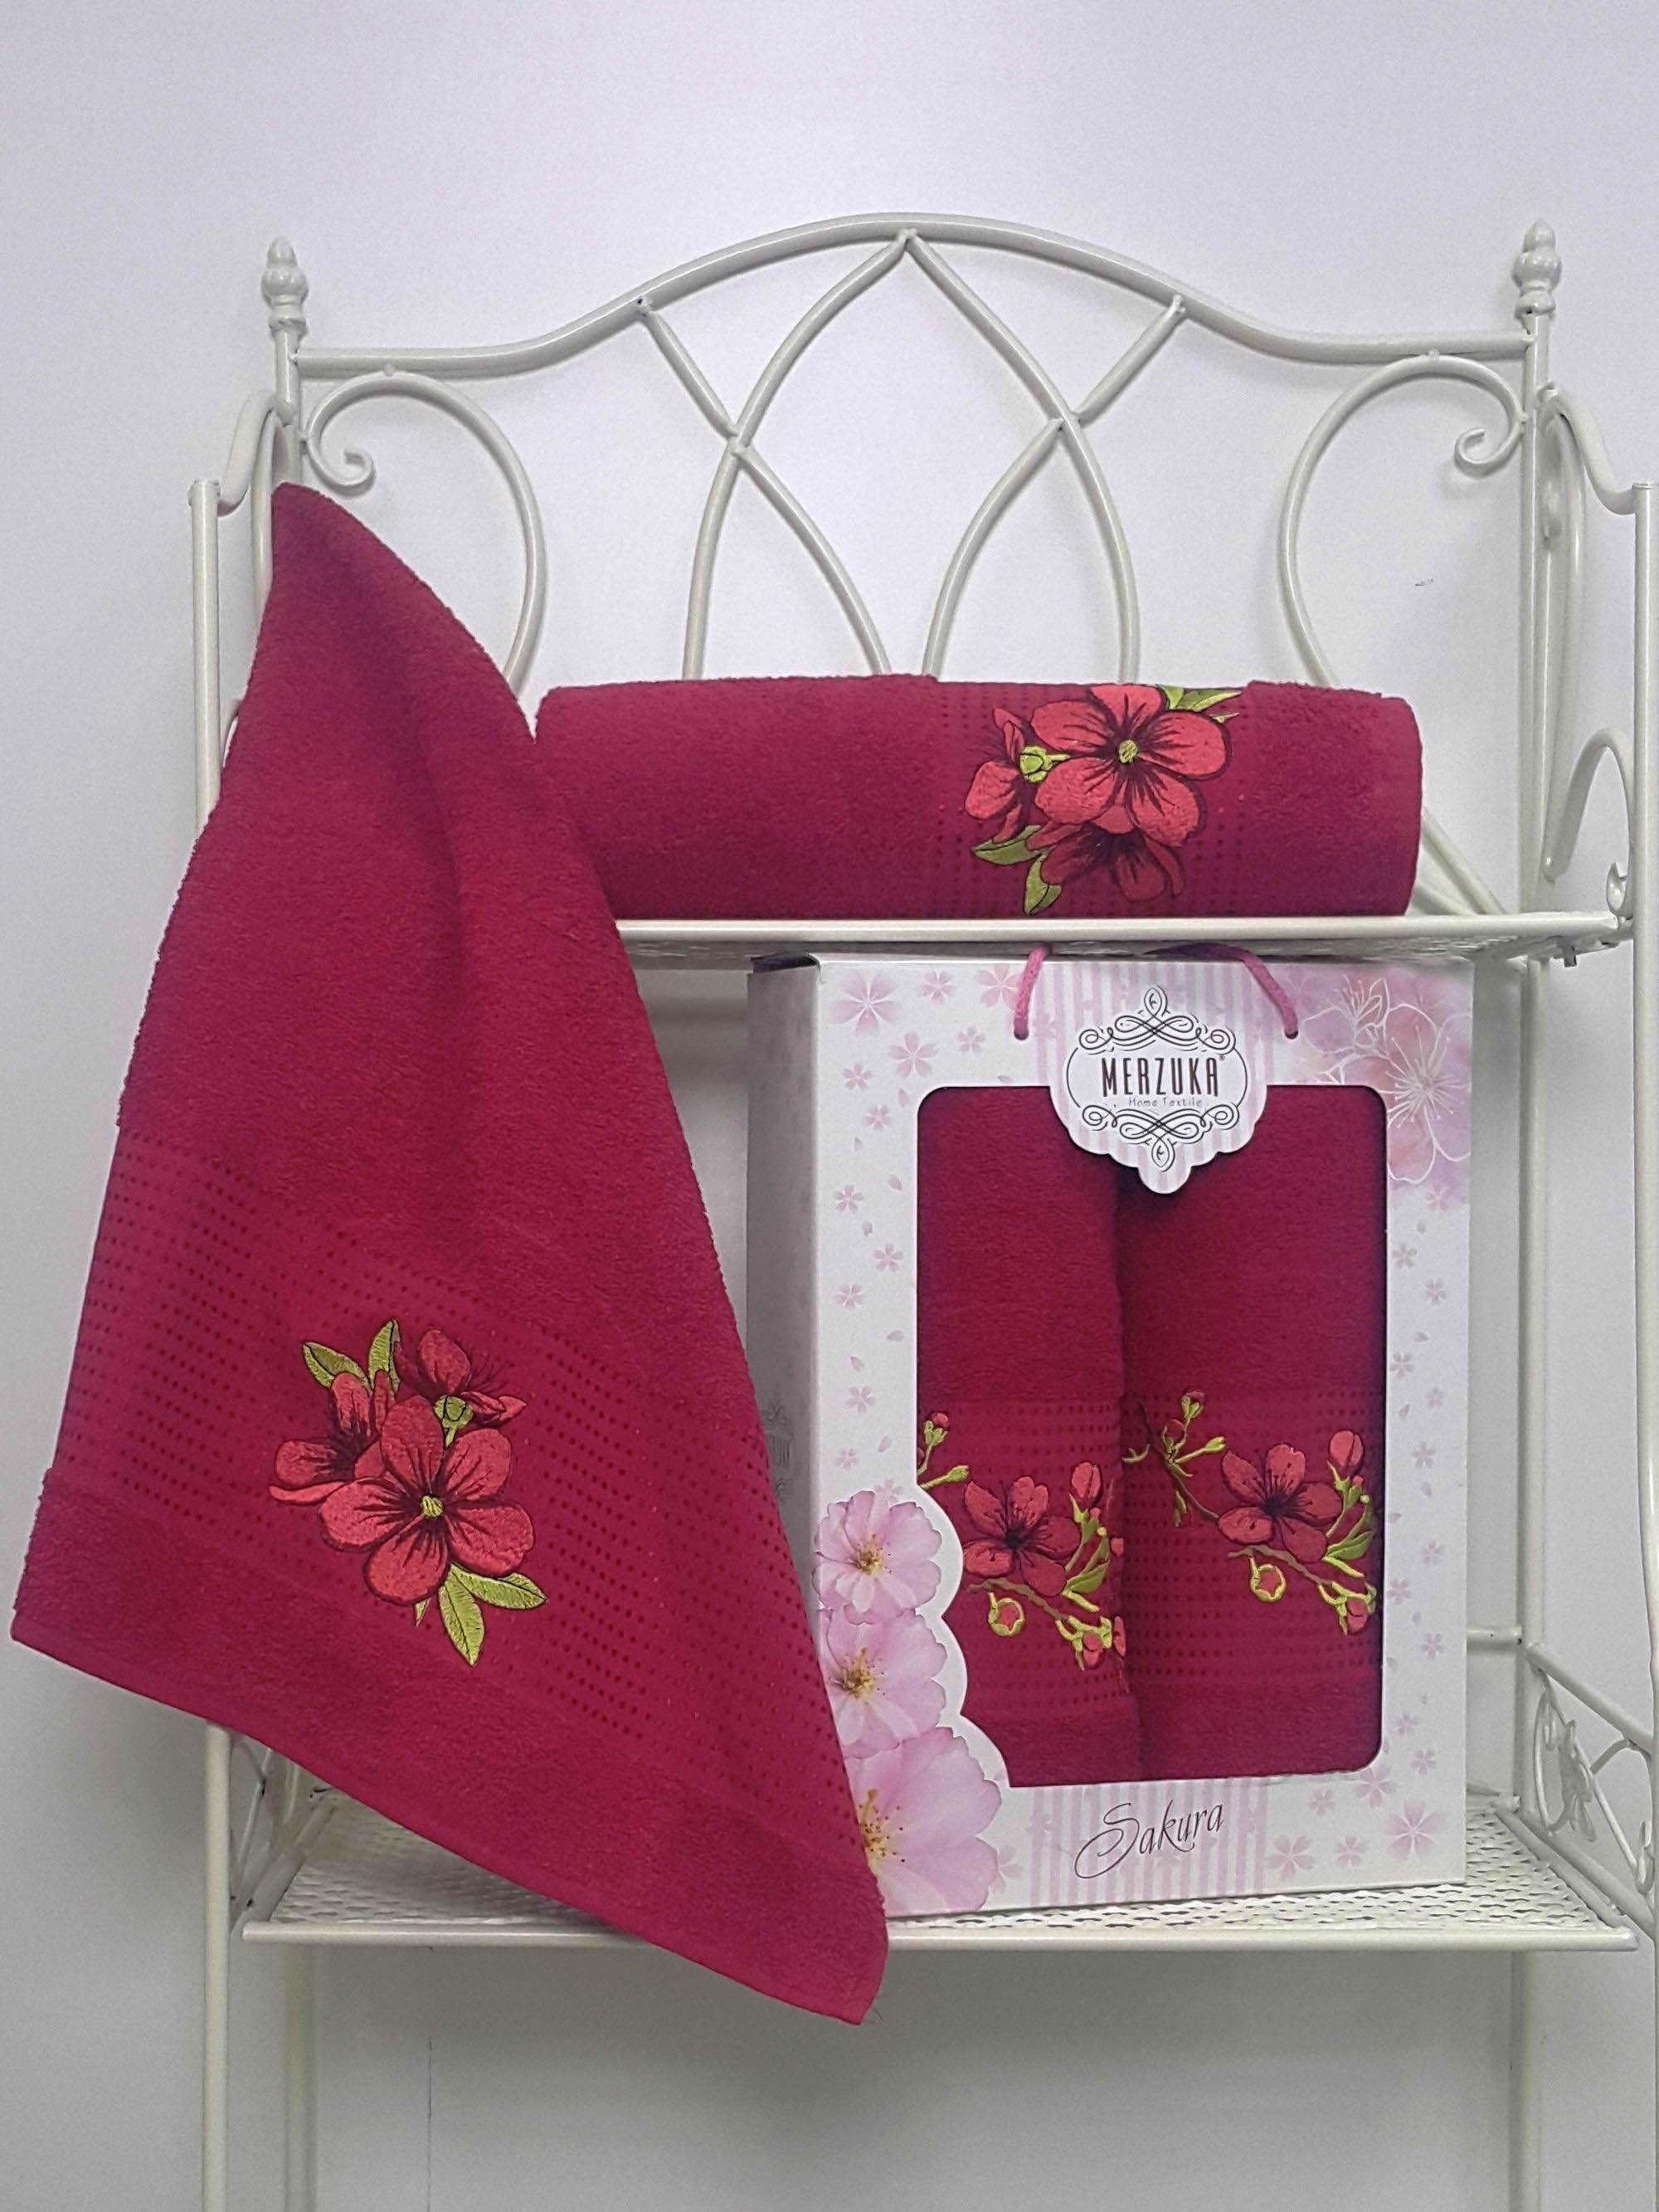 Полотенца Oran Merzuka Полотенце Sakura Цвет: Бордовый (Набор) набор из 3 полотенец merzuka sakura 50х90 2 70х140 8432 терракотовый